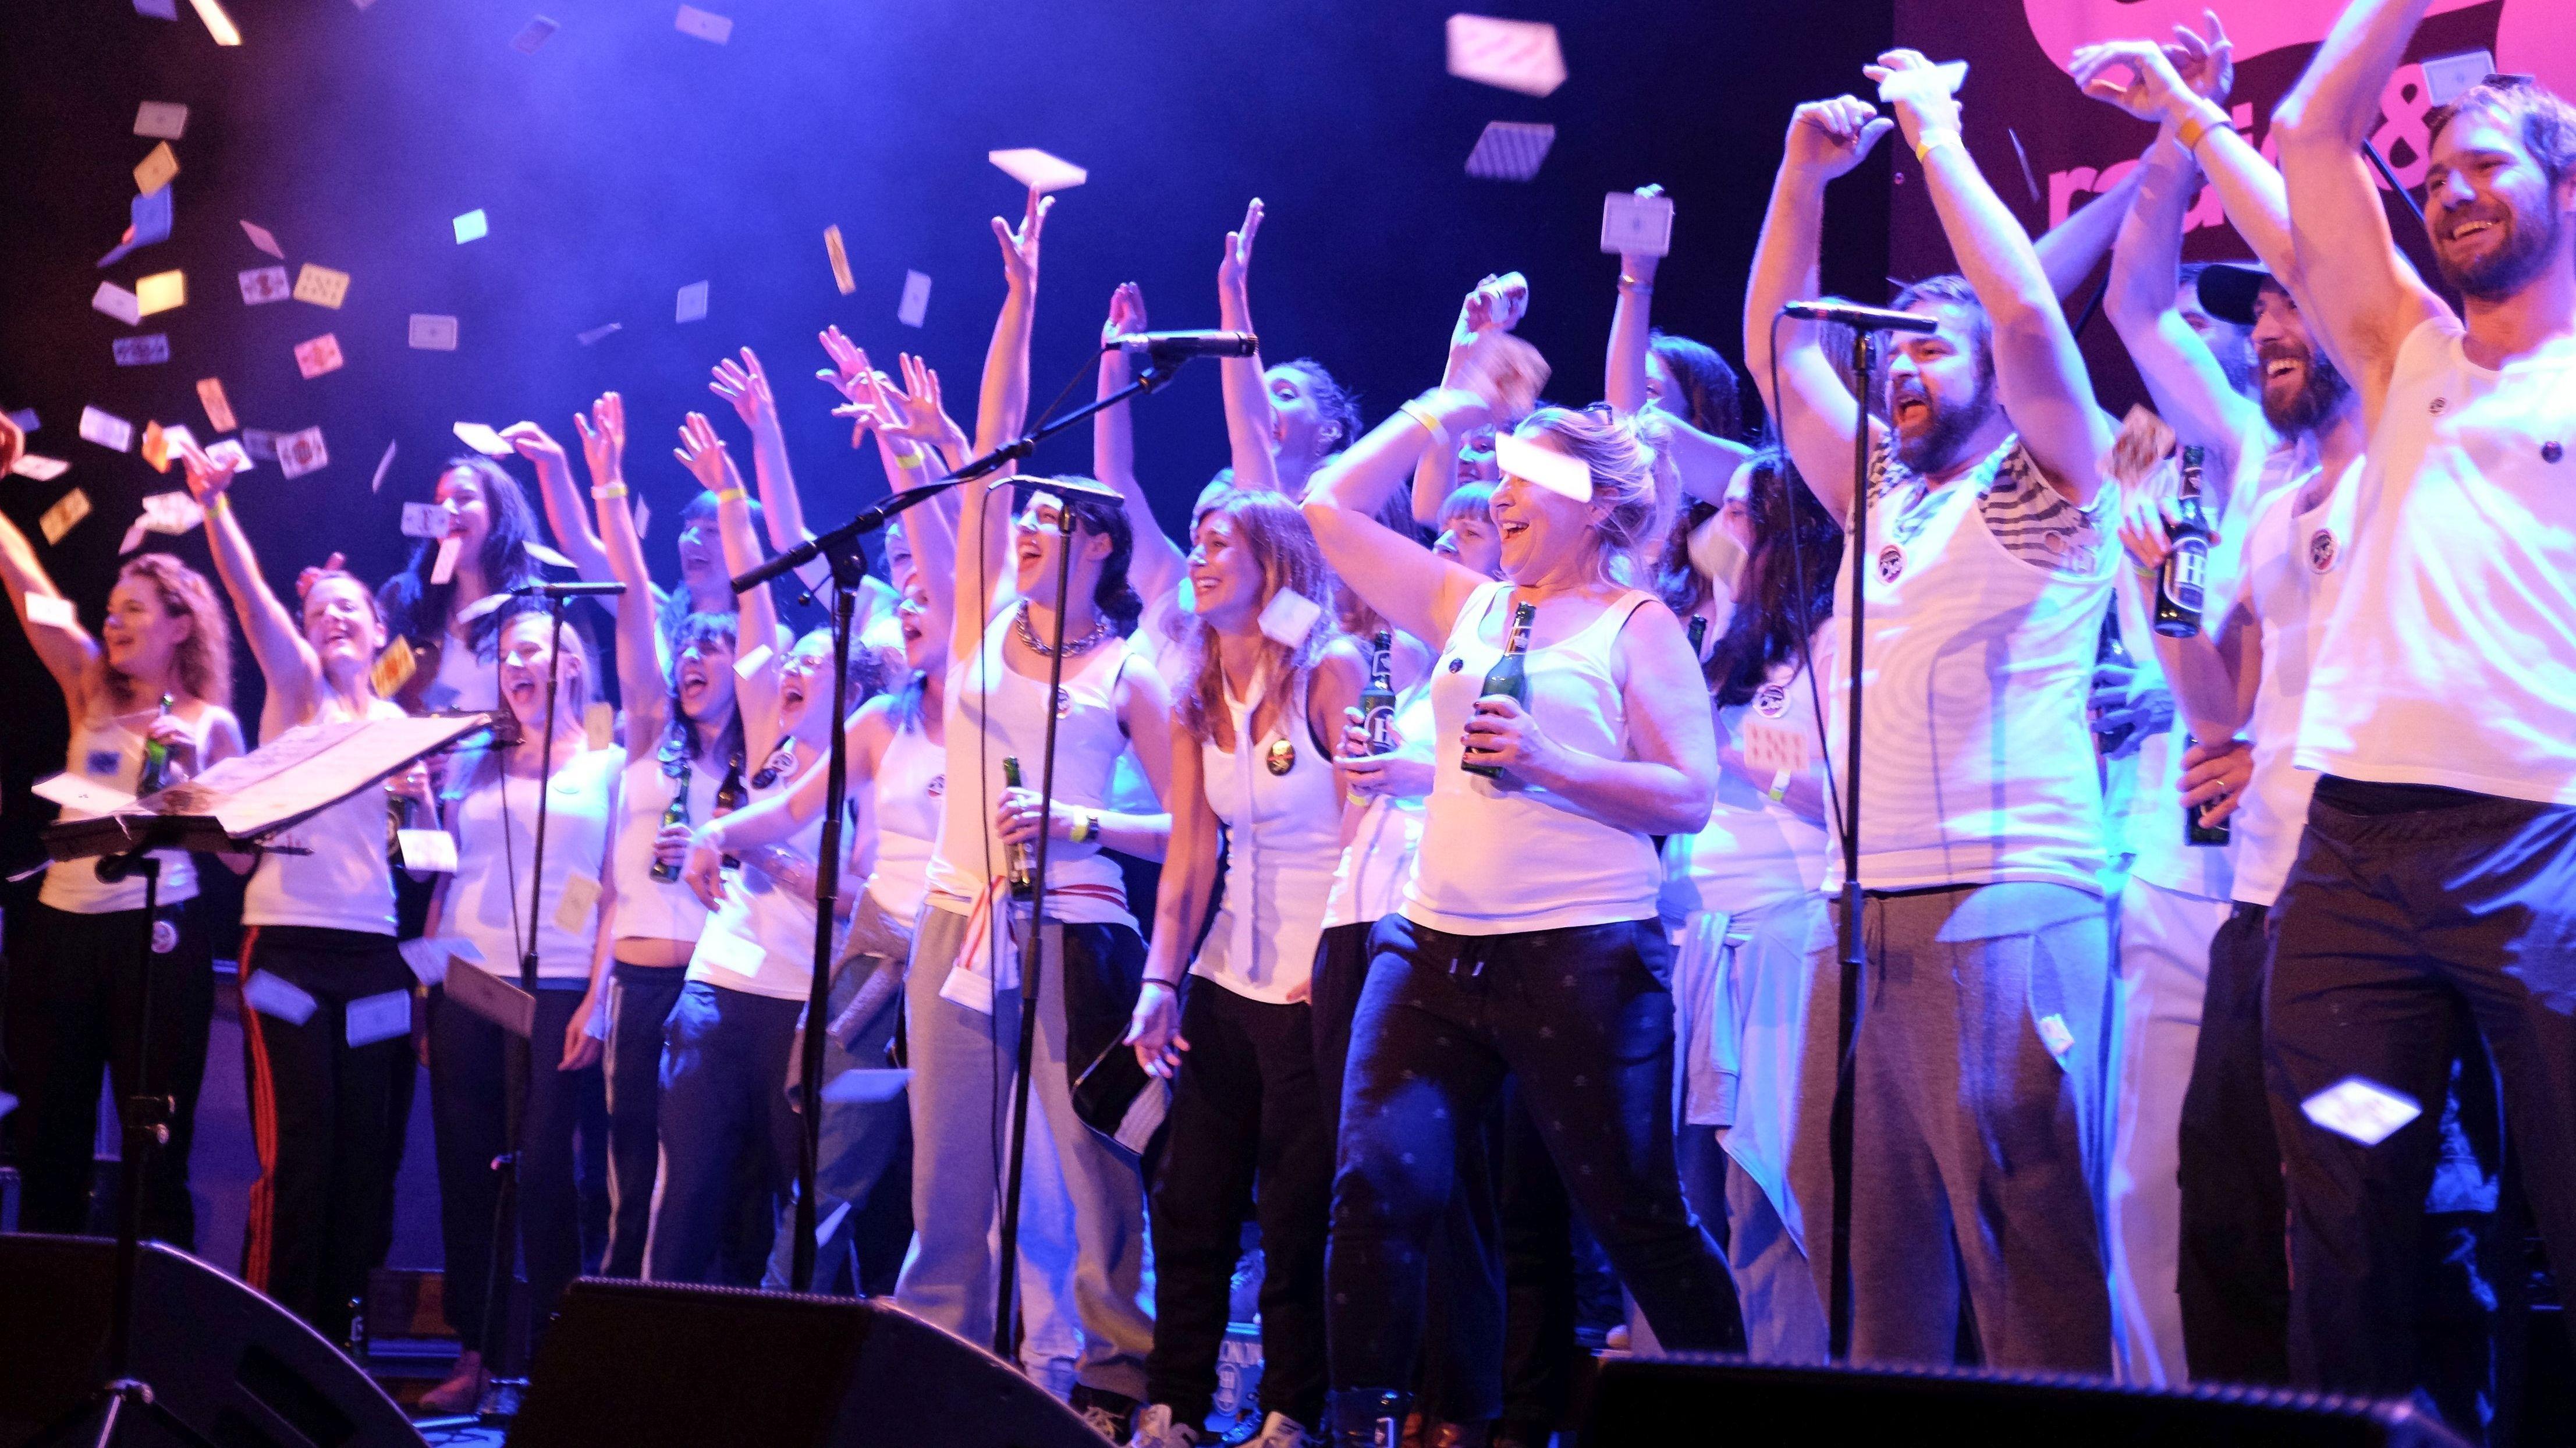 Mitglieder des Münchner Kneipenchors singen auf einer Bühne, gestikulieren wild und werfen Spielkarten in die Luft